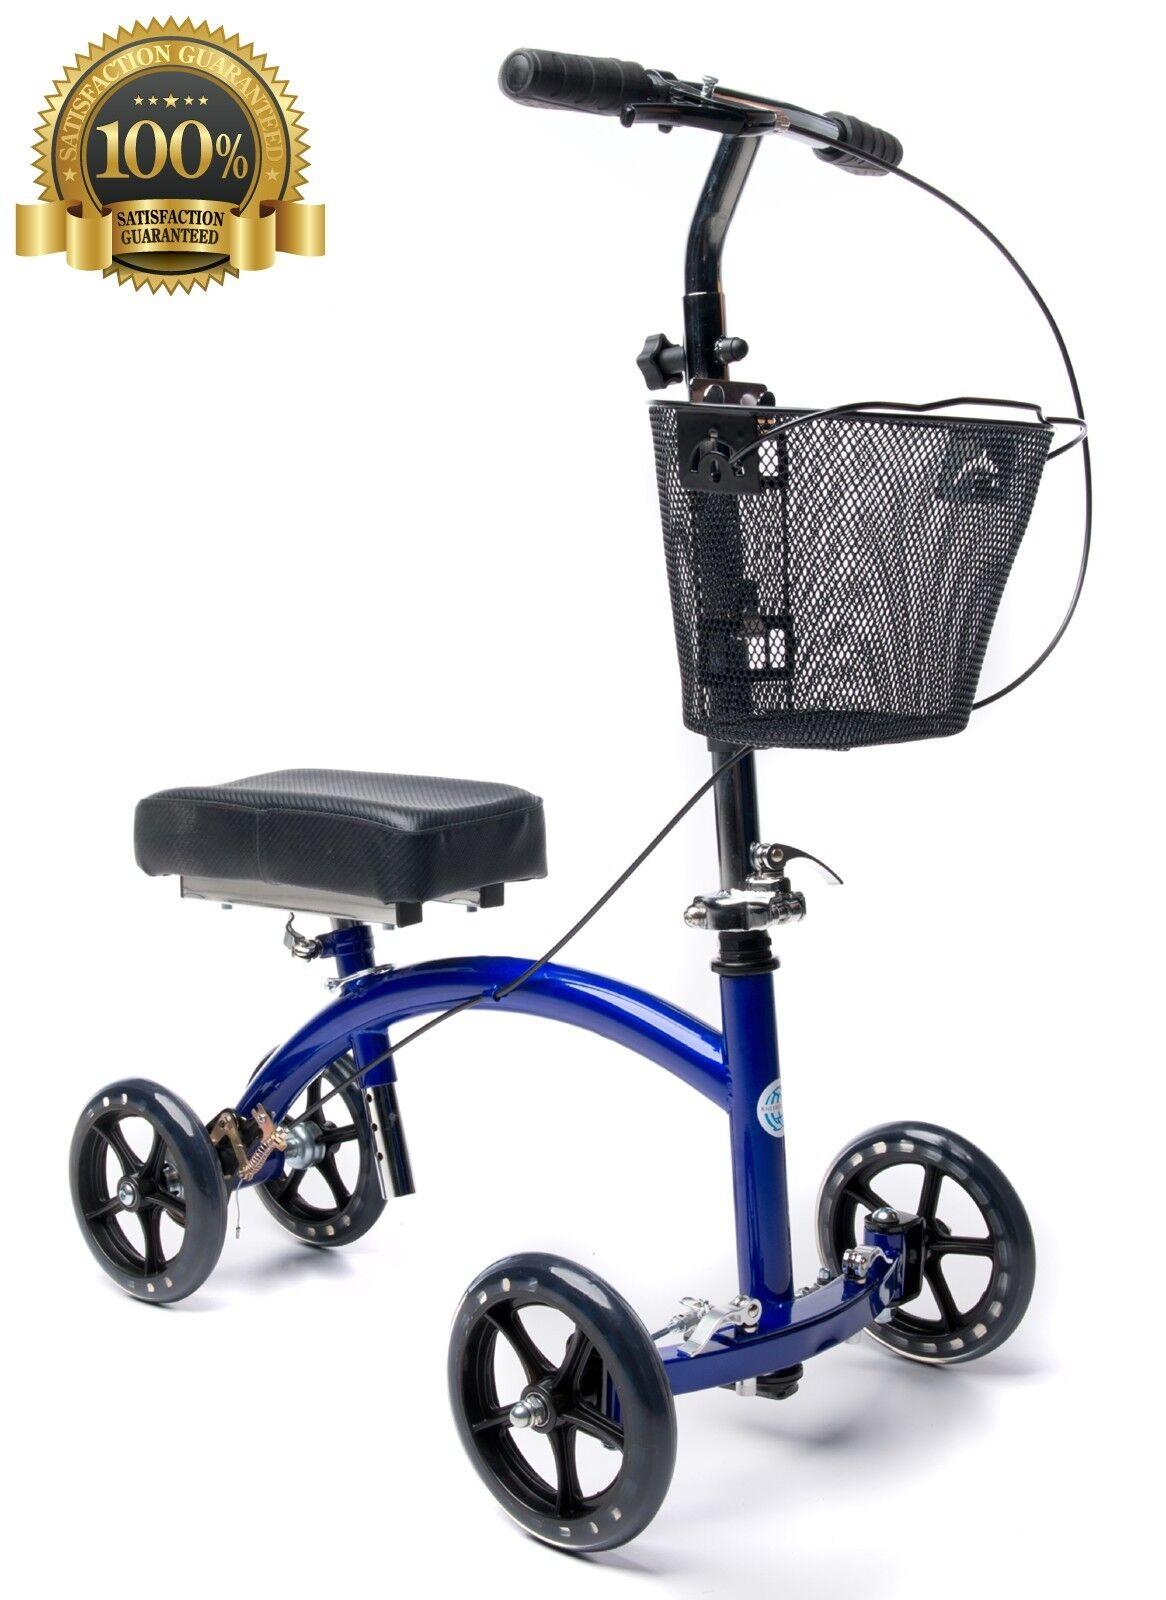 KneeRover Deluxe Steerable Knee Cycle Knee Walker  Scooter C